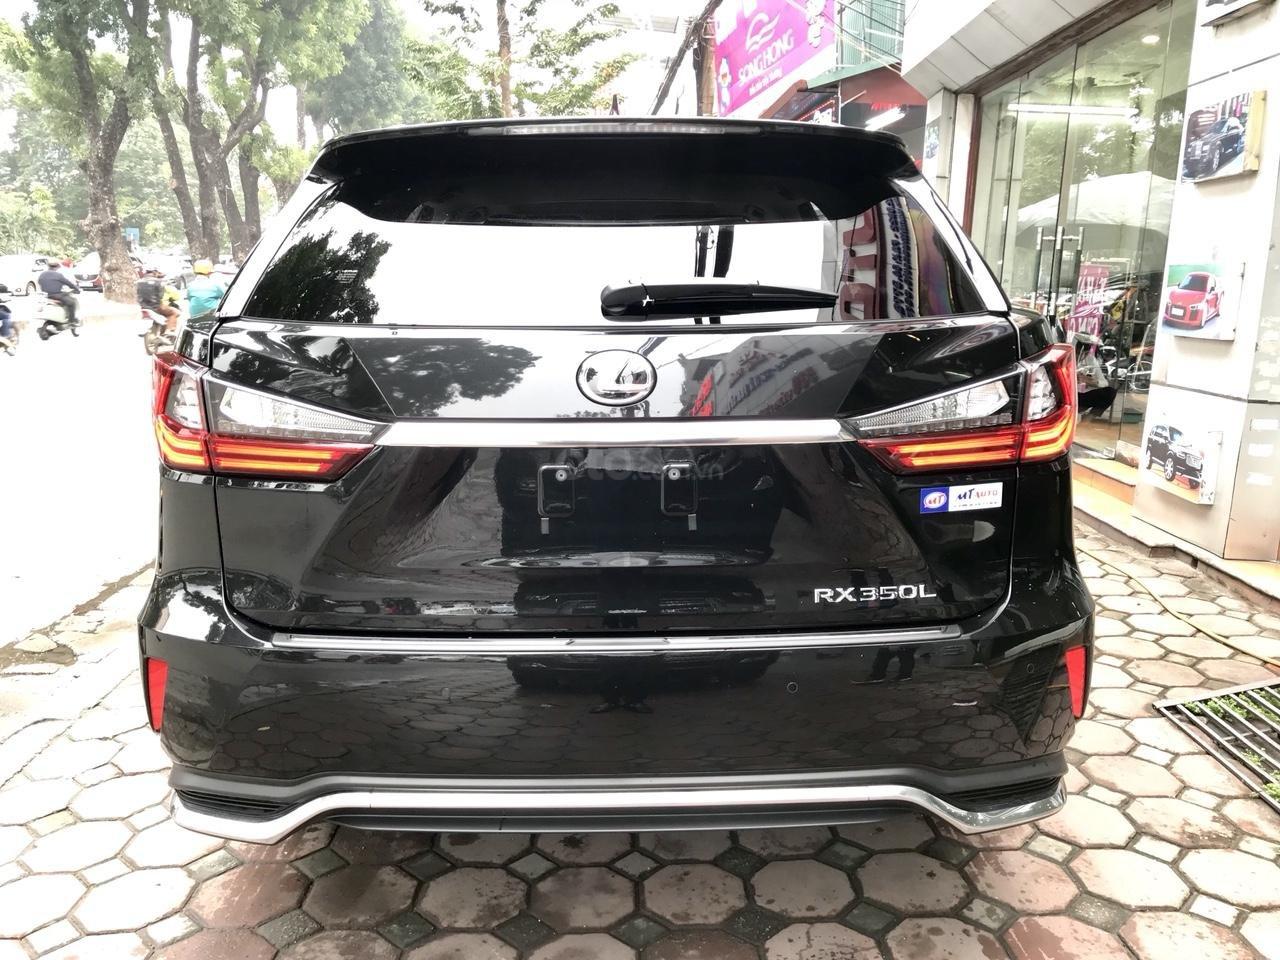 Bán Lexus RX R350L 2018, màu đen, 6 chỗ, nhập khẩu Mỹ - Mr Huân 0981.0101.61-17